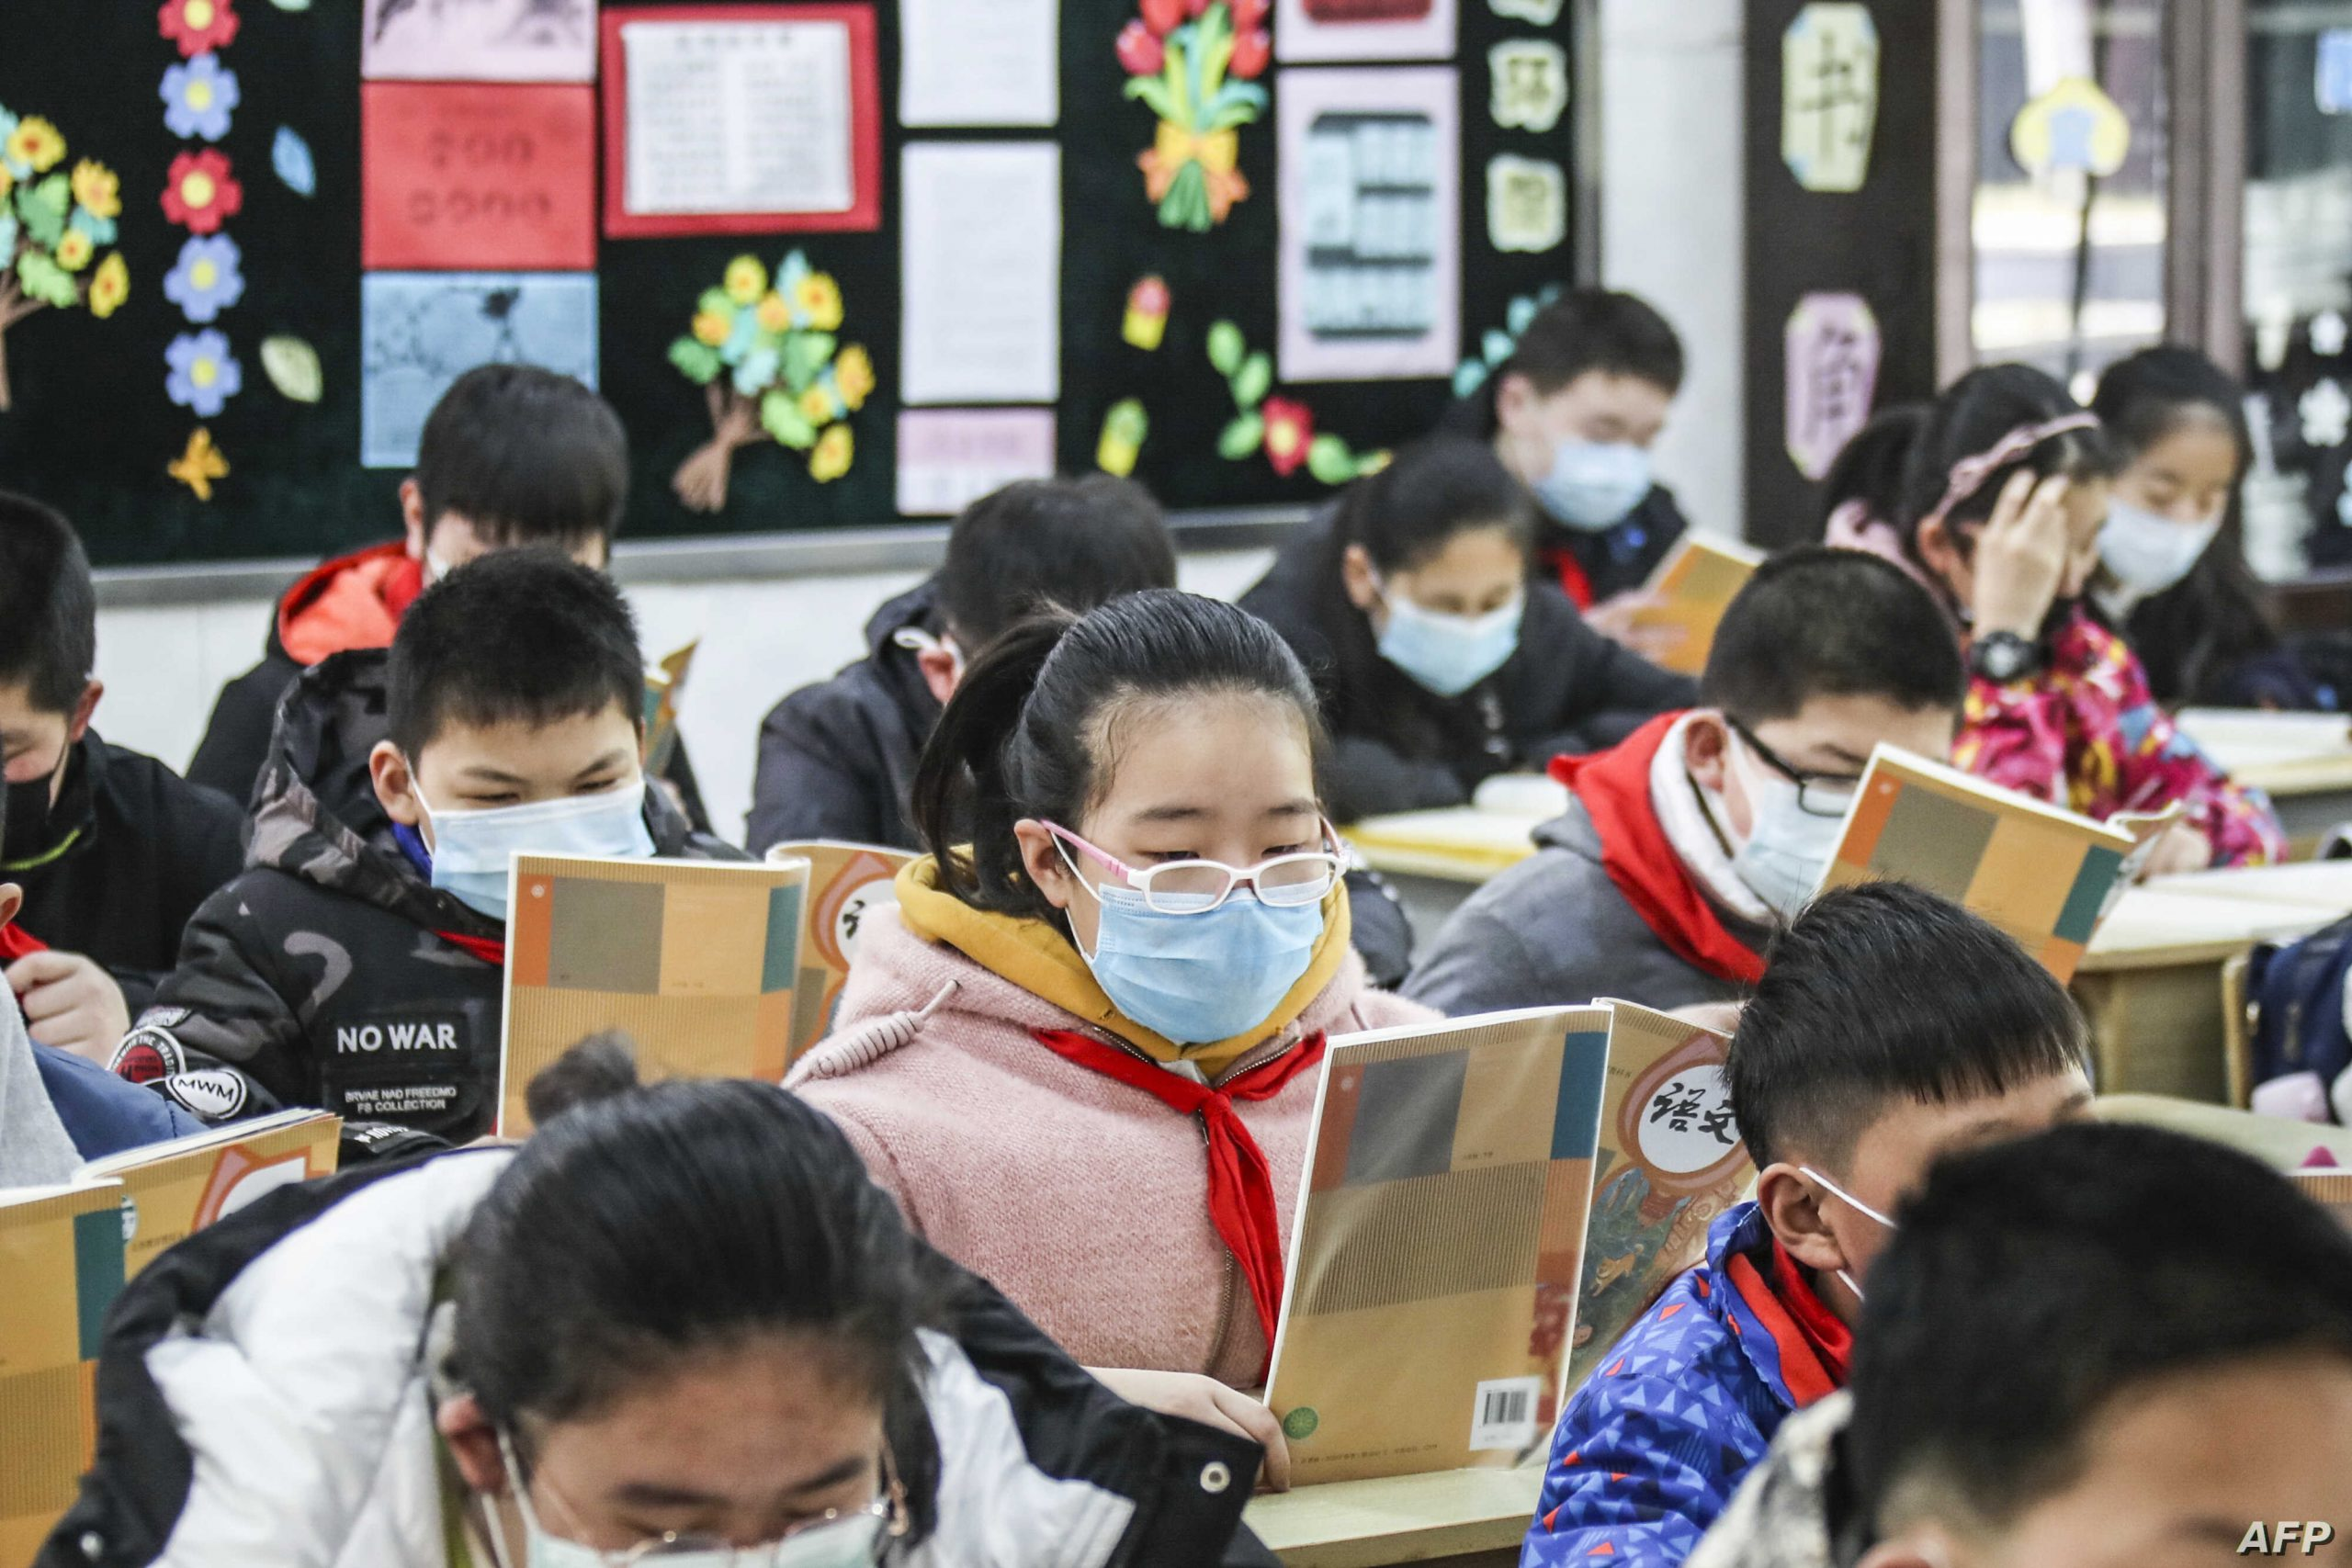 Κορωνοϊός Κίνα: Μαθητές στο στόχαστρο νέας εμβολιαστικής εκστρατείας για να περιοριστούν τα κρούσματα